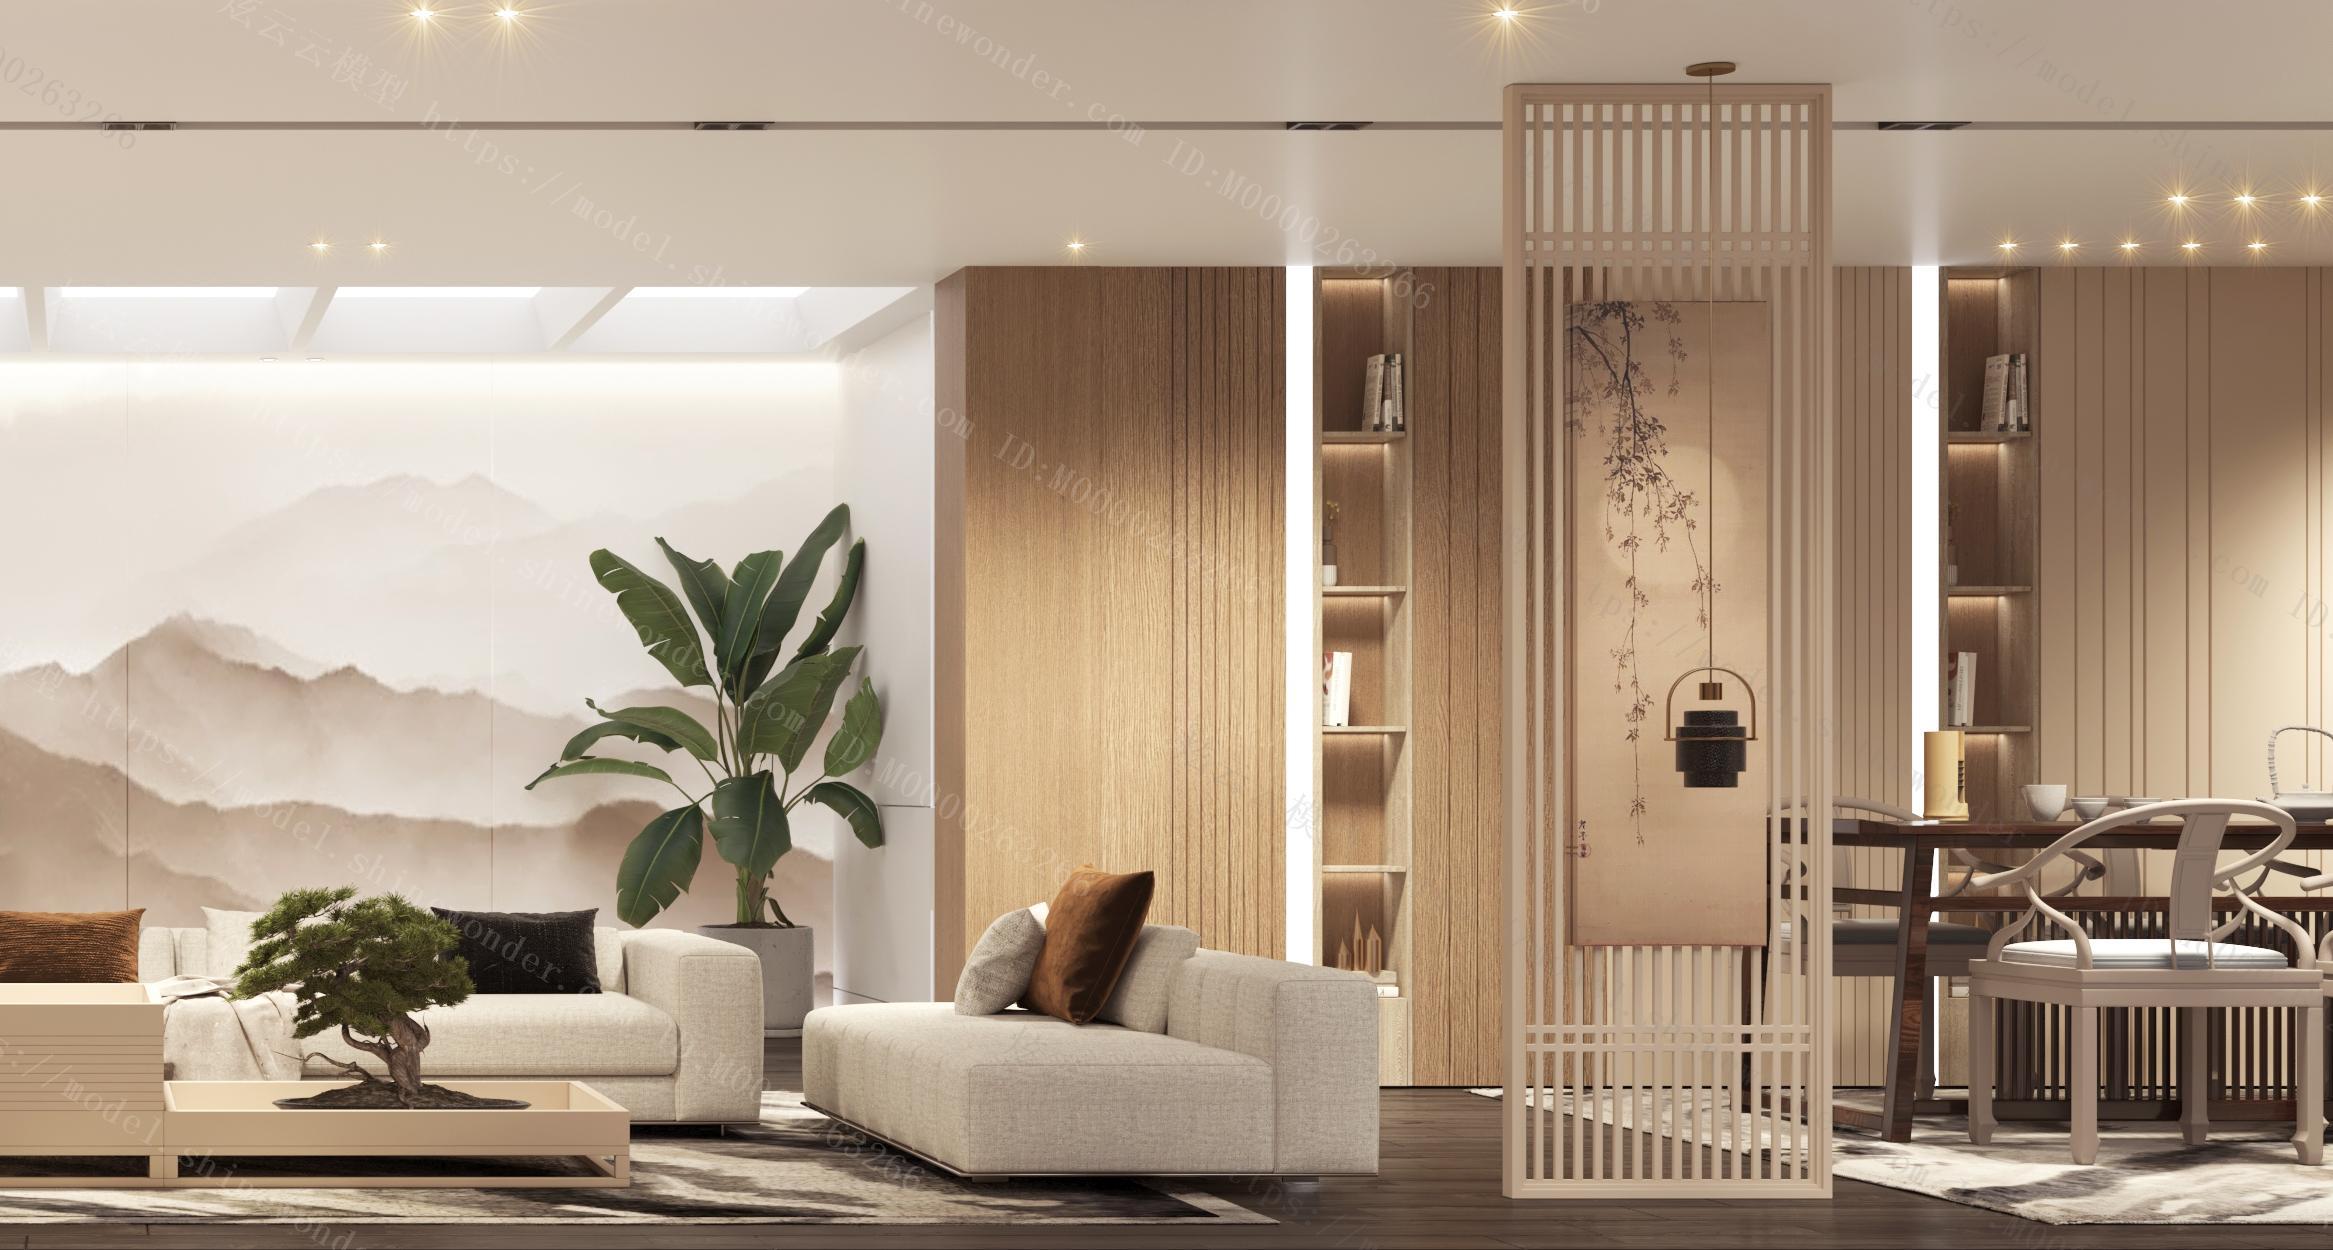 新中式客厅 新中式沙发茶几 植物 吊灯模型